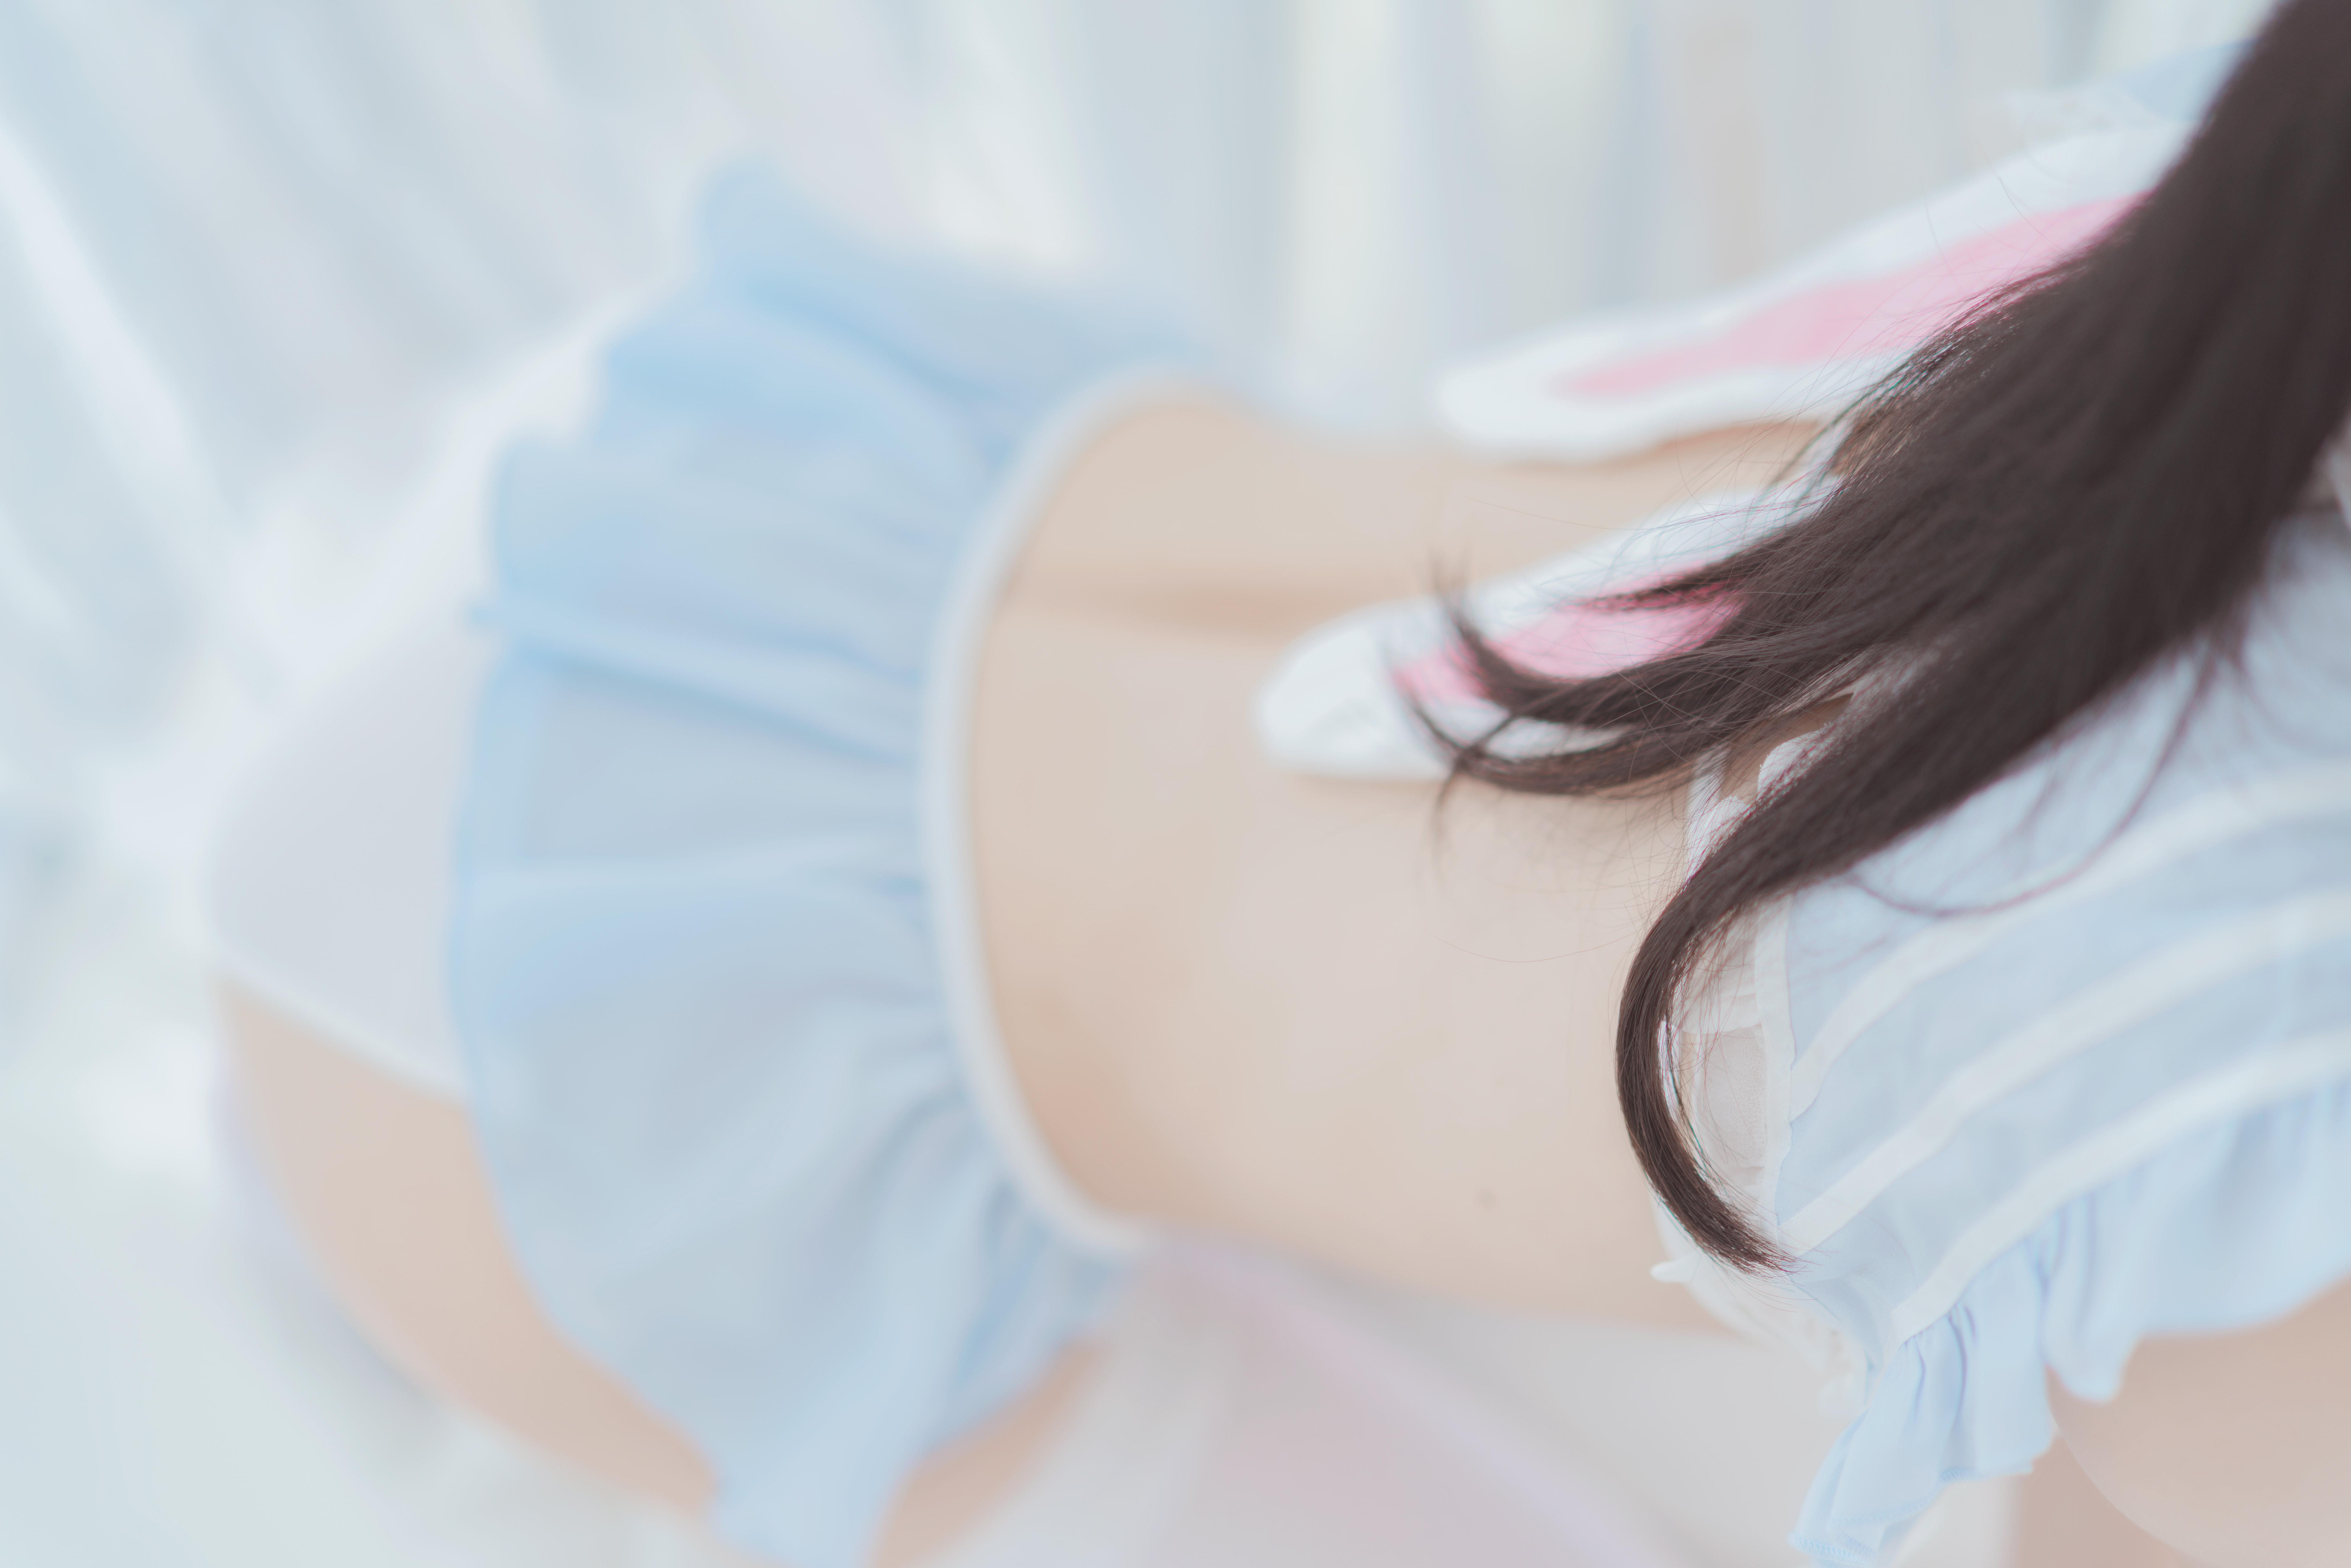 桜桃喵 – 爱丽丝的兔子(特写)